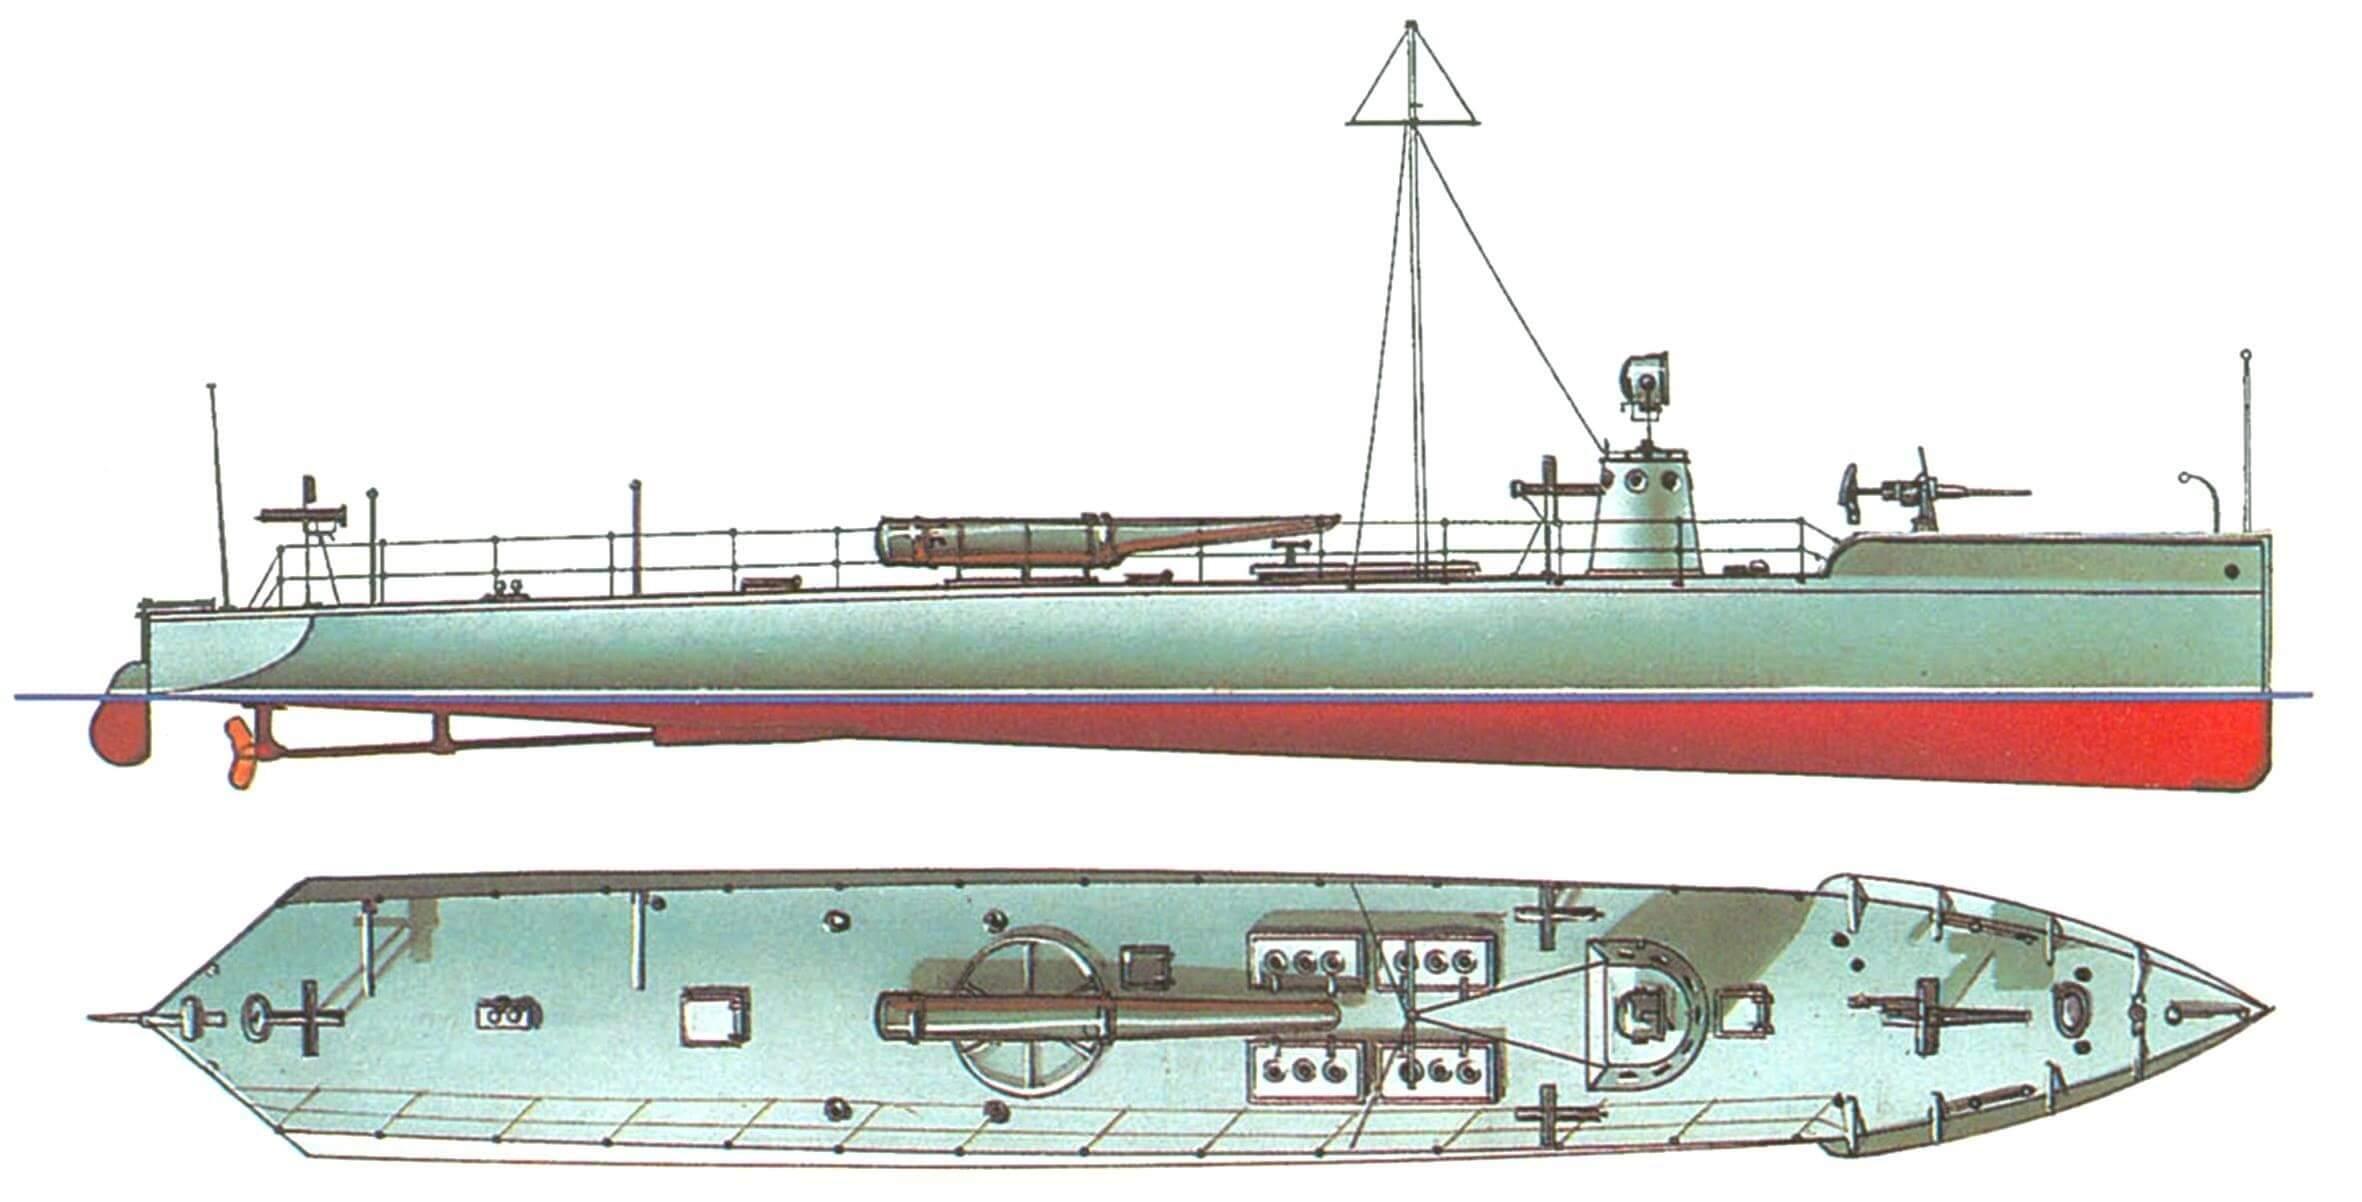 110. Миноноска № 1 («газолинка» Никсона), Россия, 1905 г.